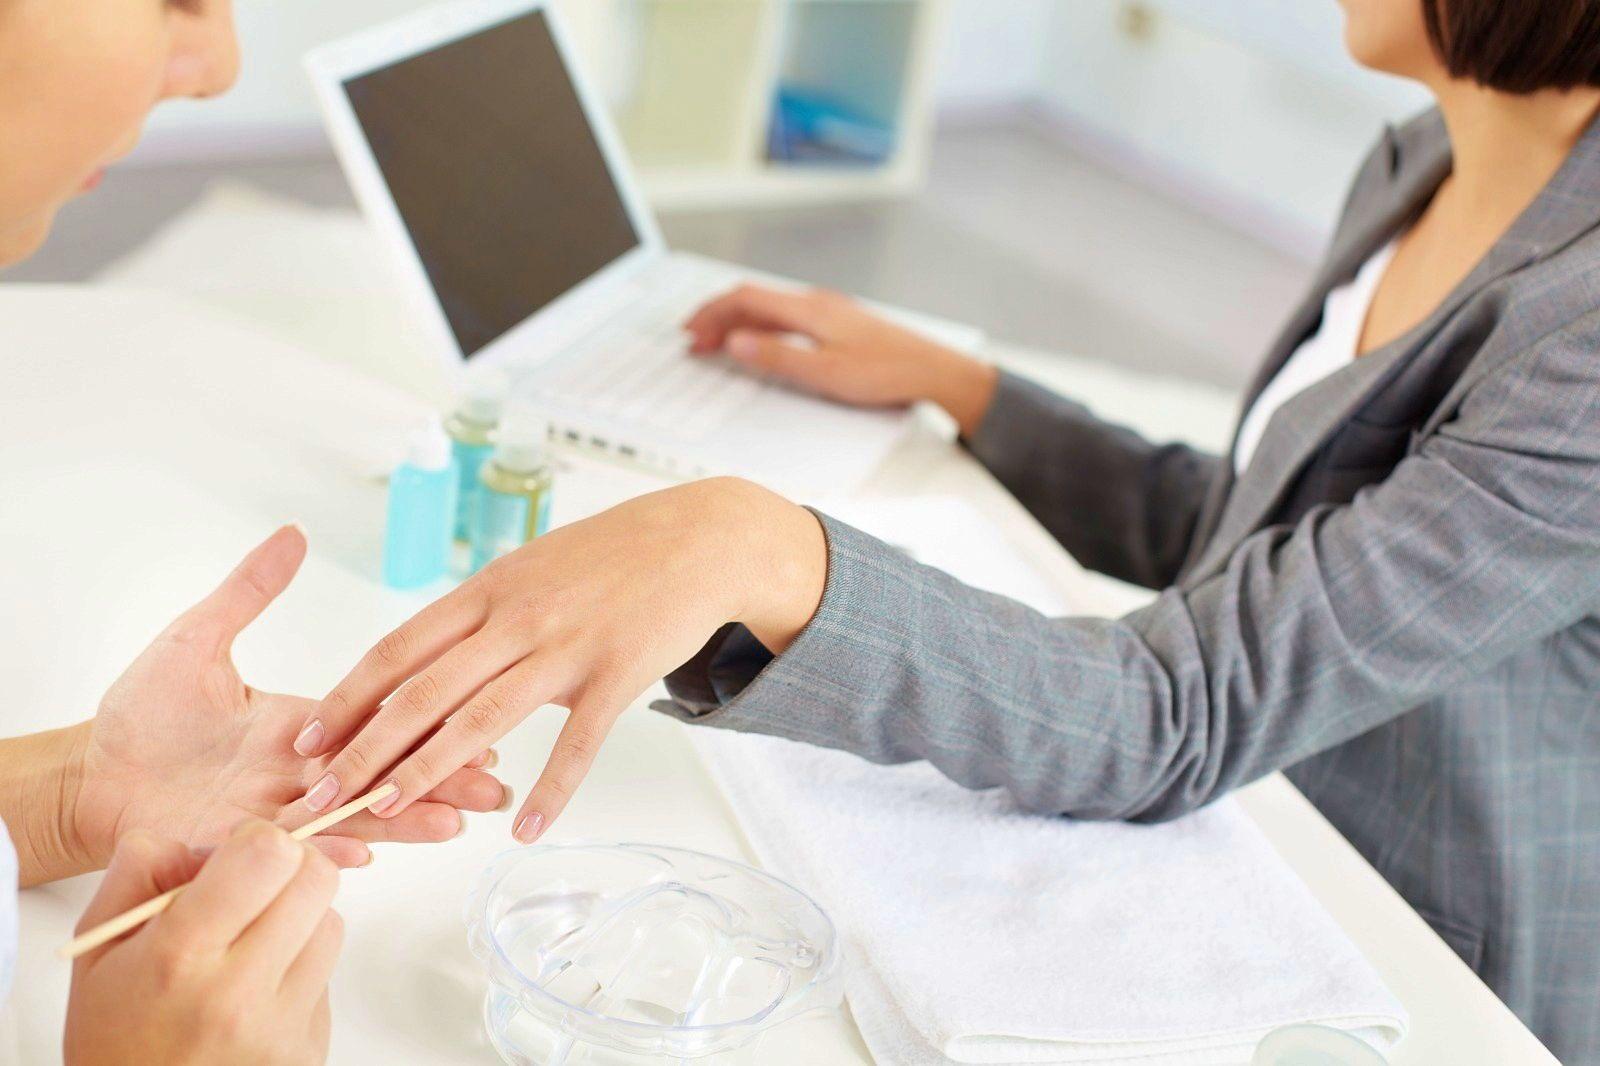 Propose service de manucure, styliste d'ongles à domicile